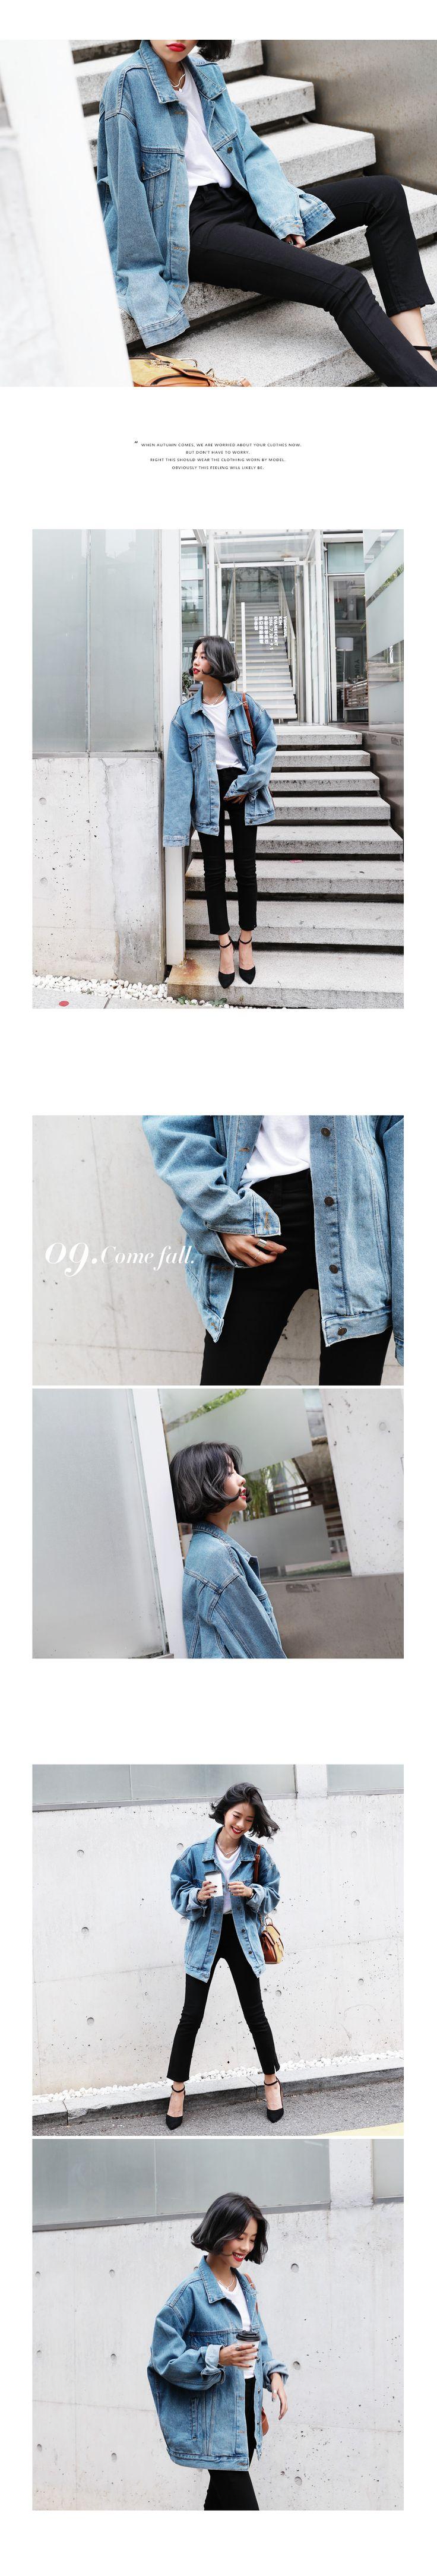 ビックシルエットデニムジャケット・全3色アウタージャケット・ブレザー|レディースファッション通販 DHOLICディーホリック [ファストファッション 水着…